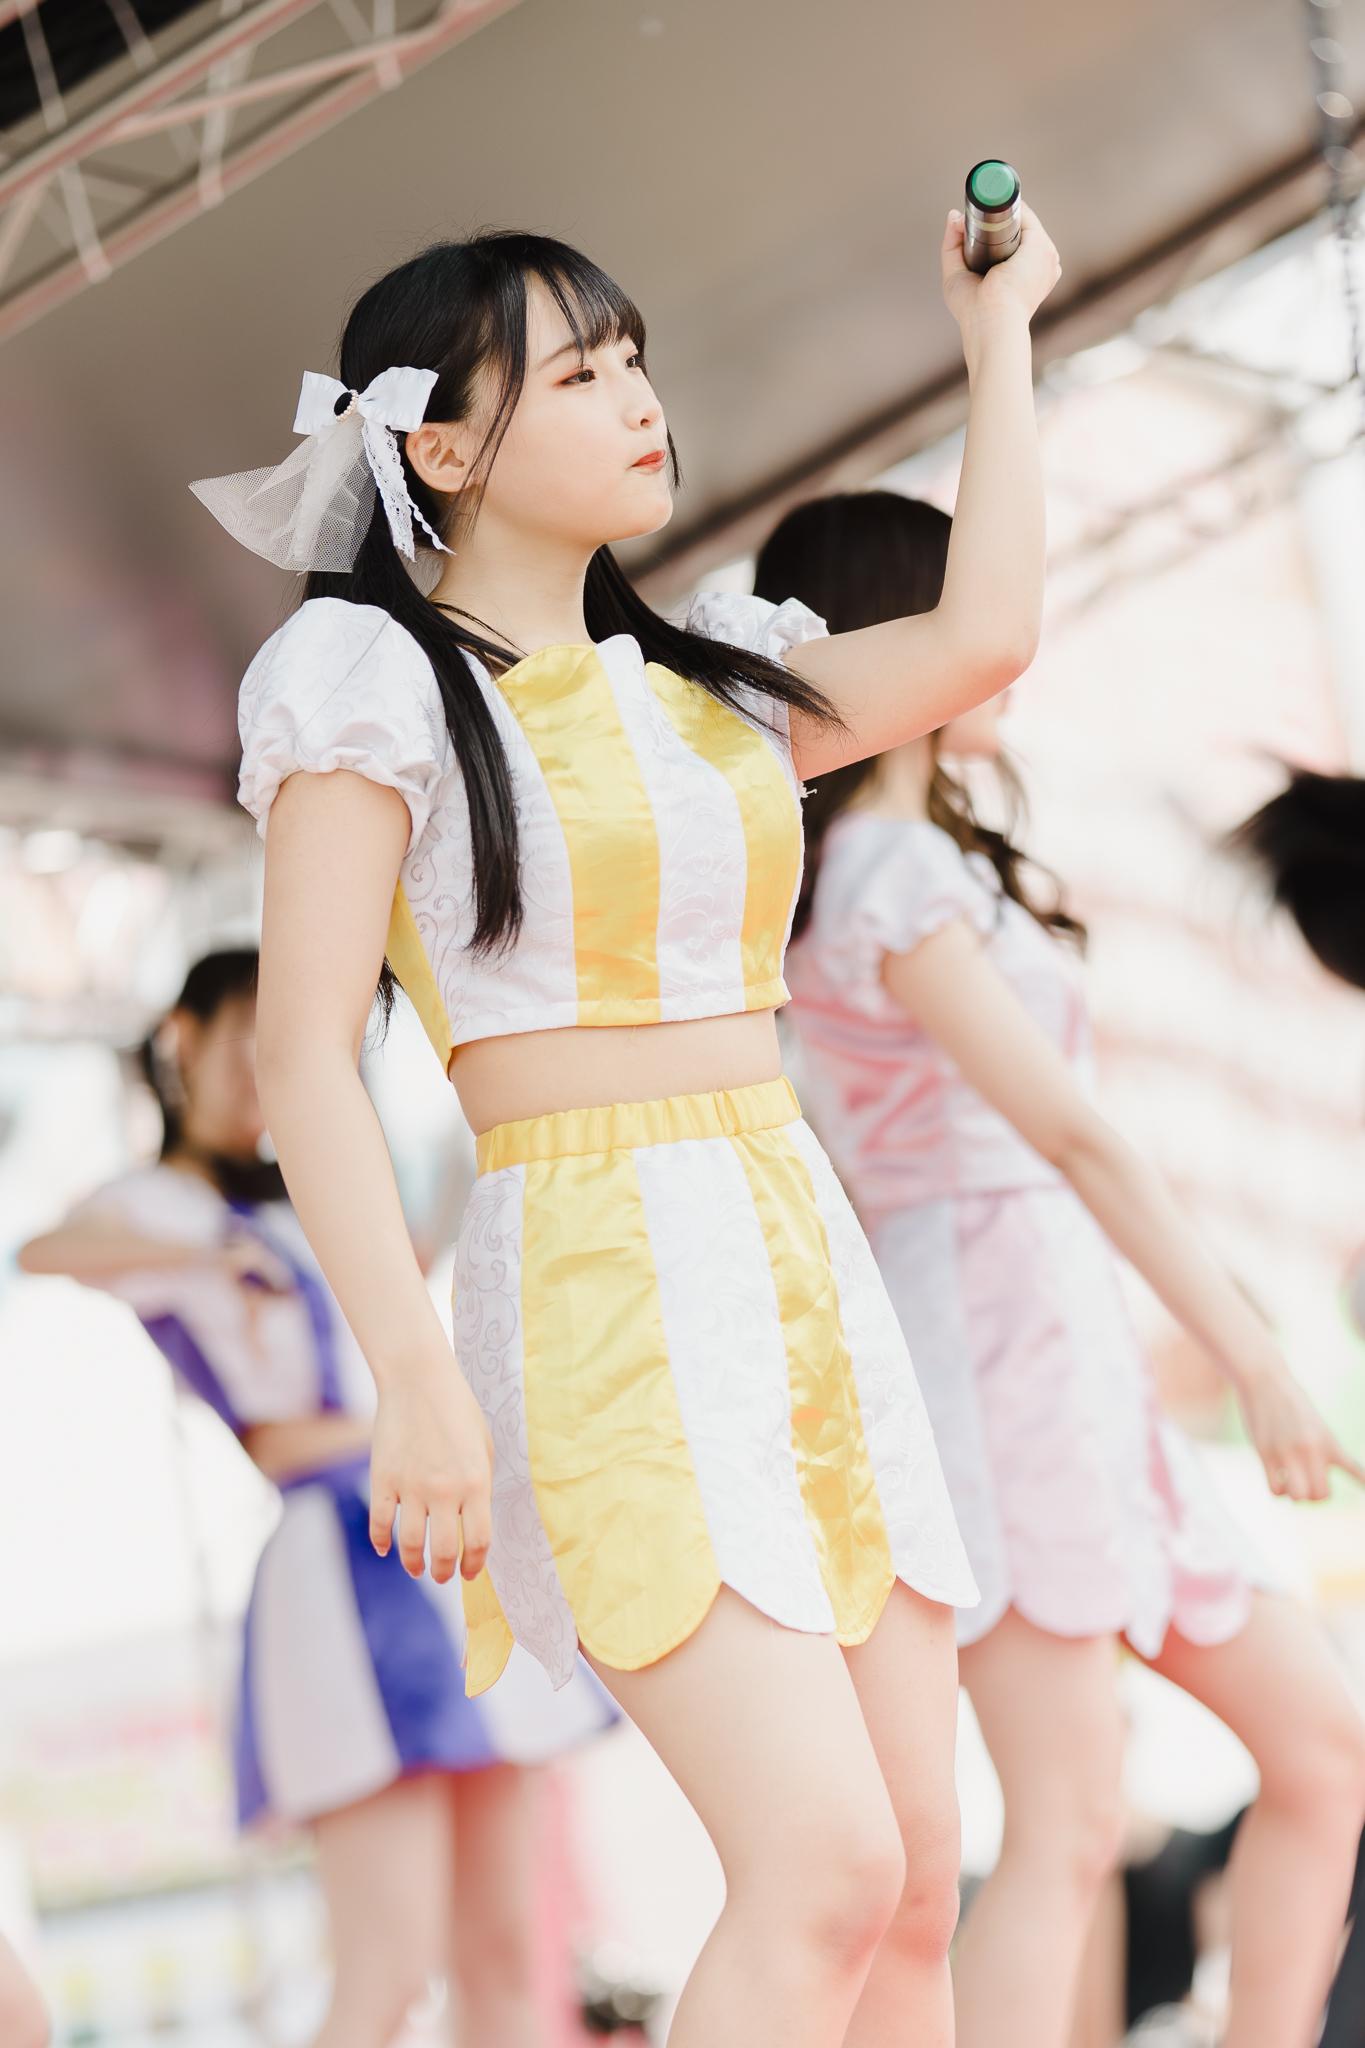 フルーティー♡ りん ( 谷本りん )   お宝百貨店万代藤野店「SUMMER FESTIVAL 2021」1日目